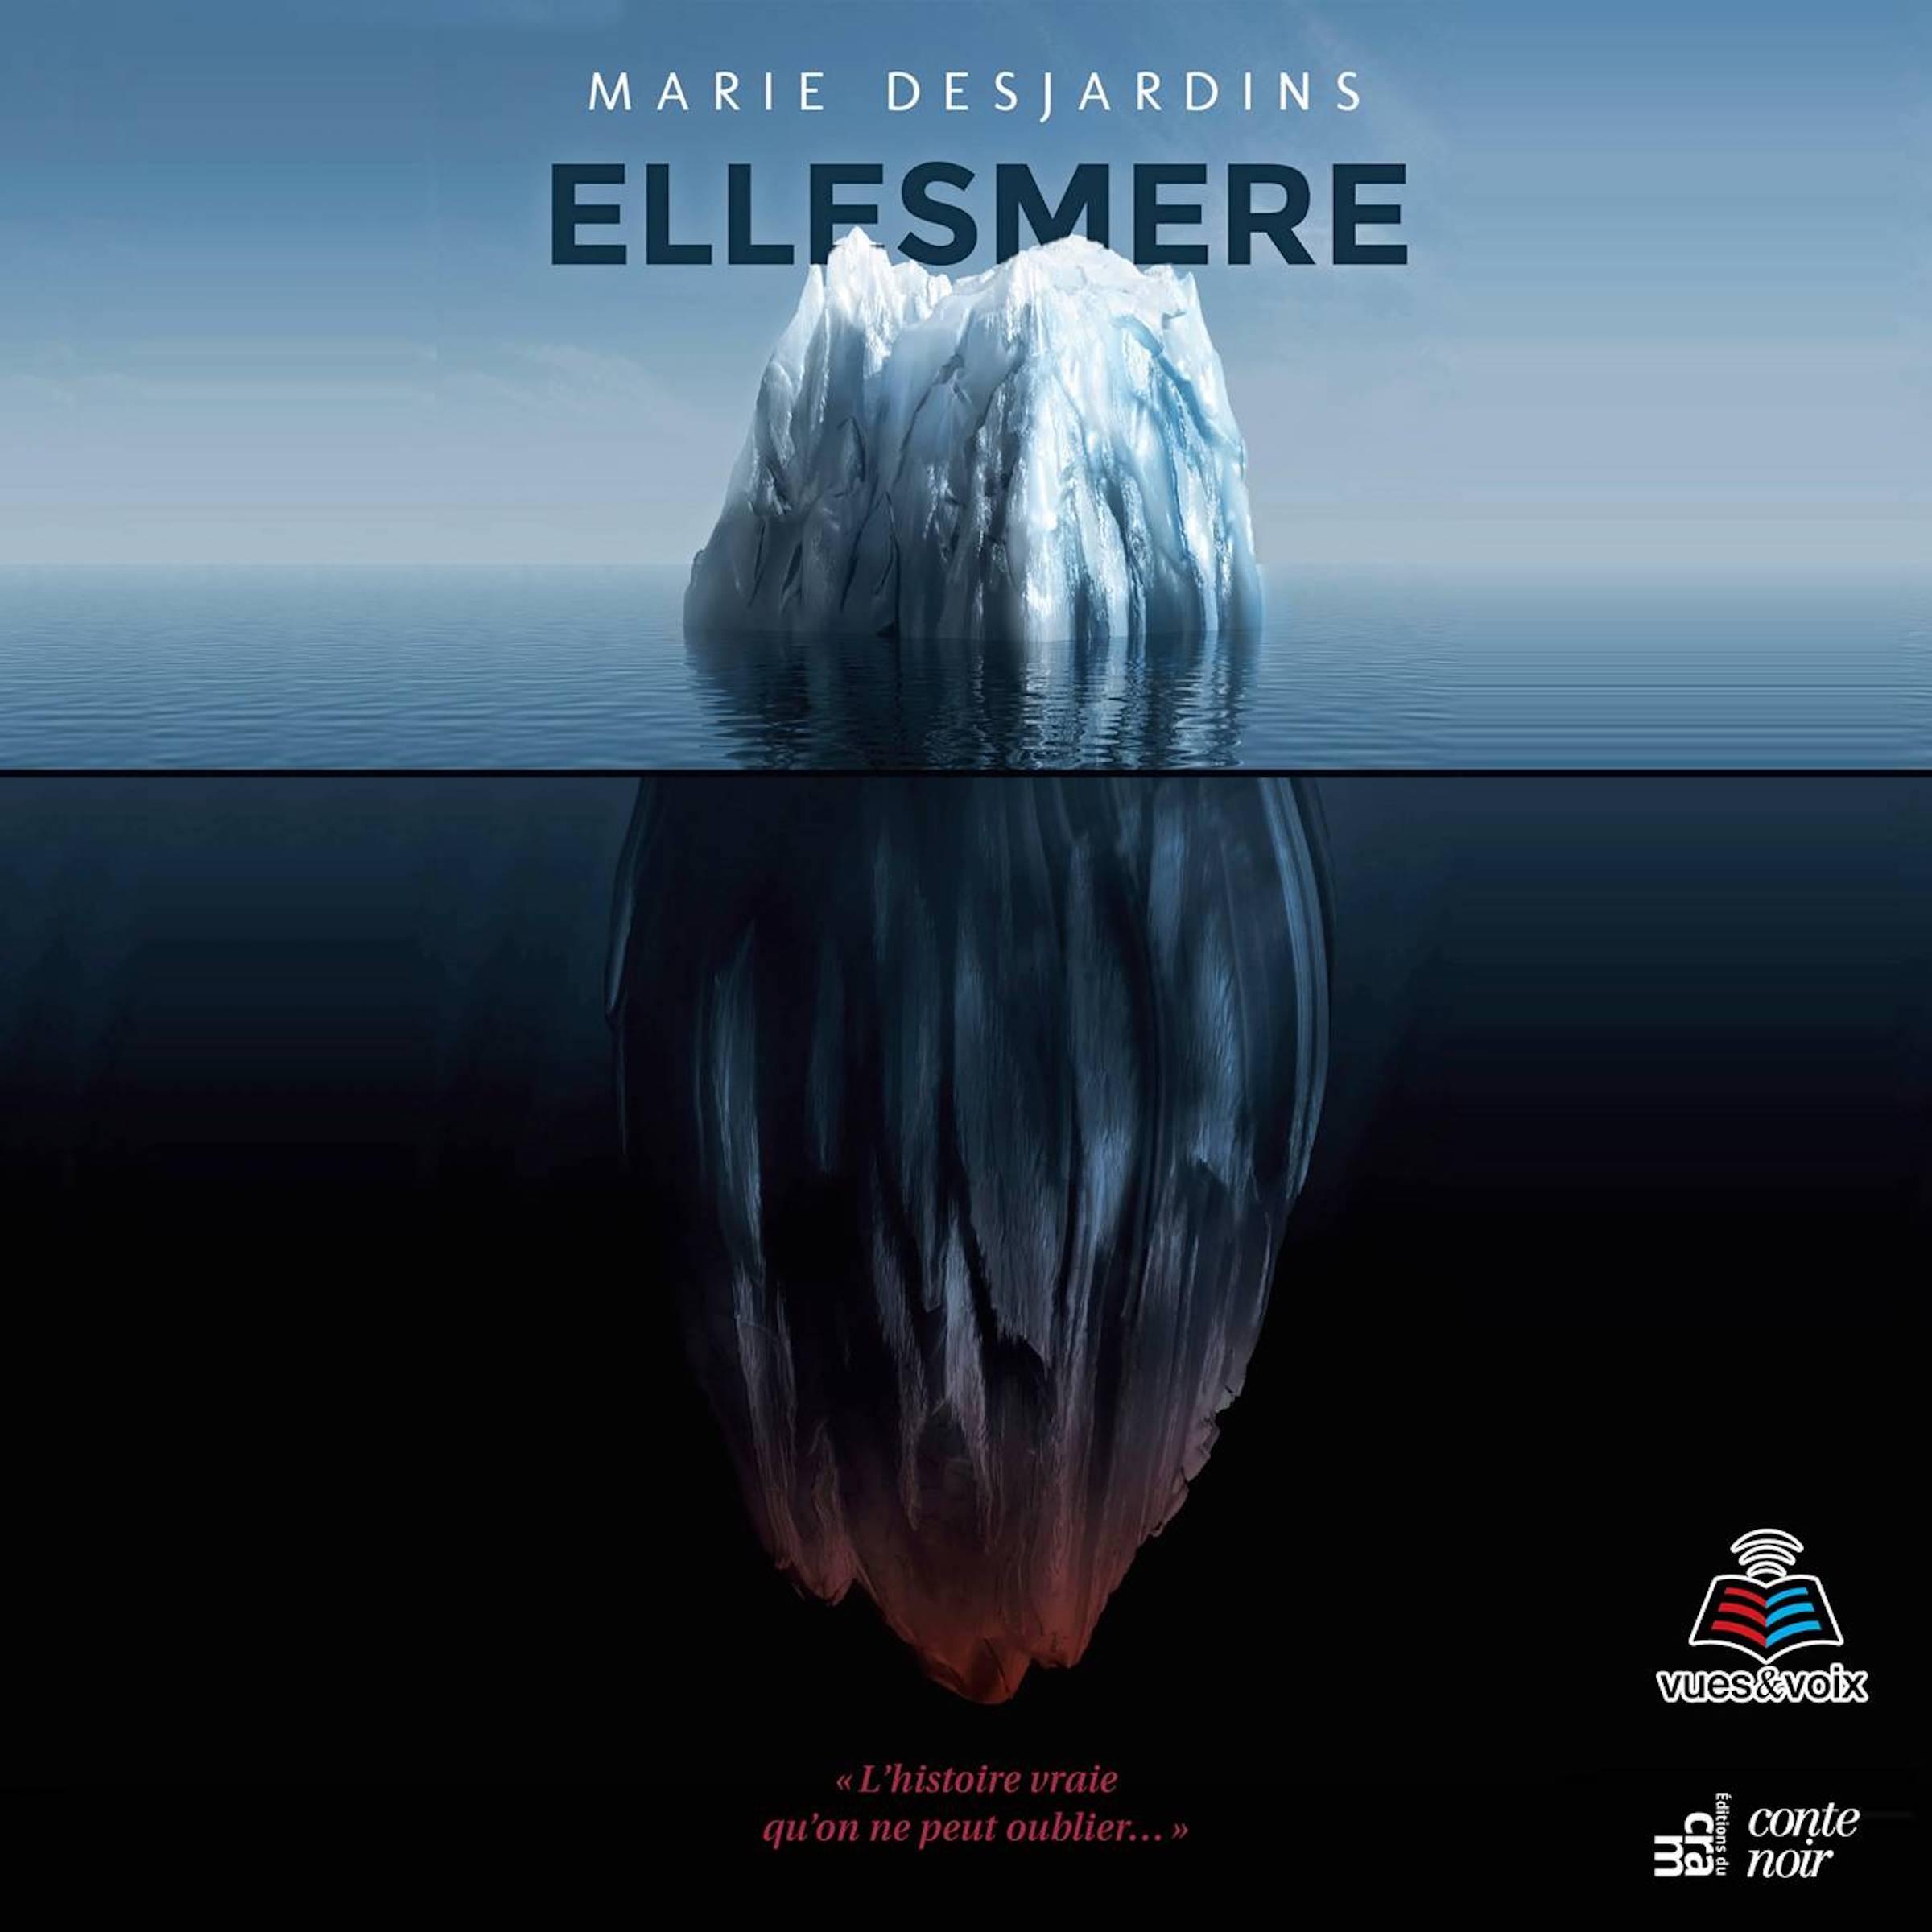 Ellesmere